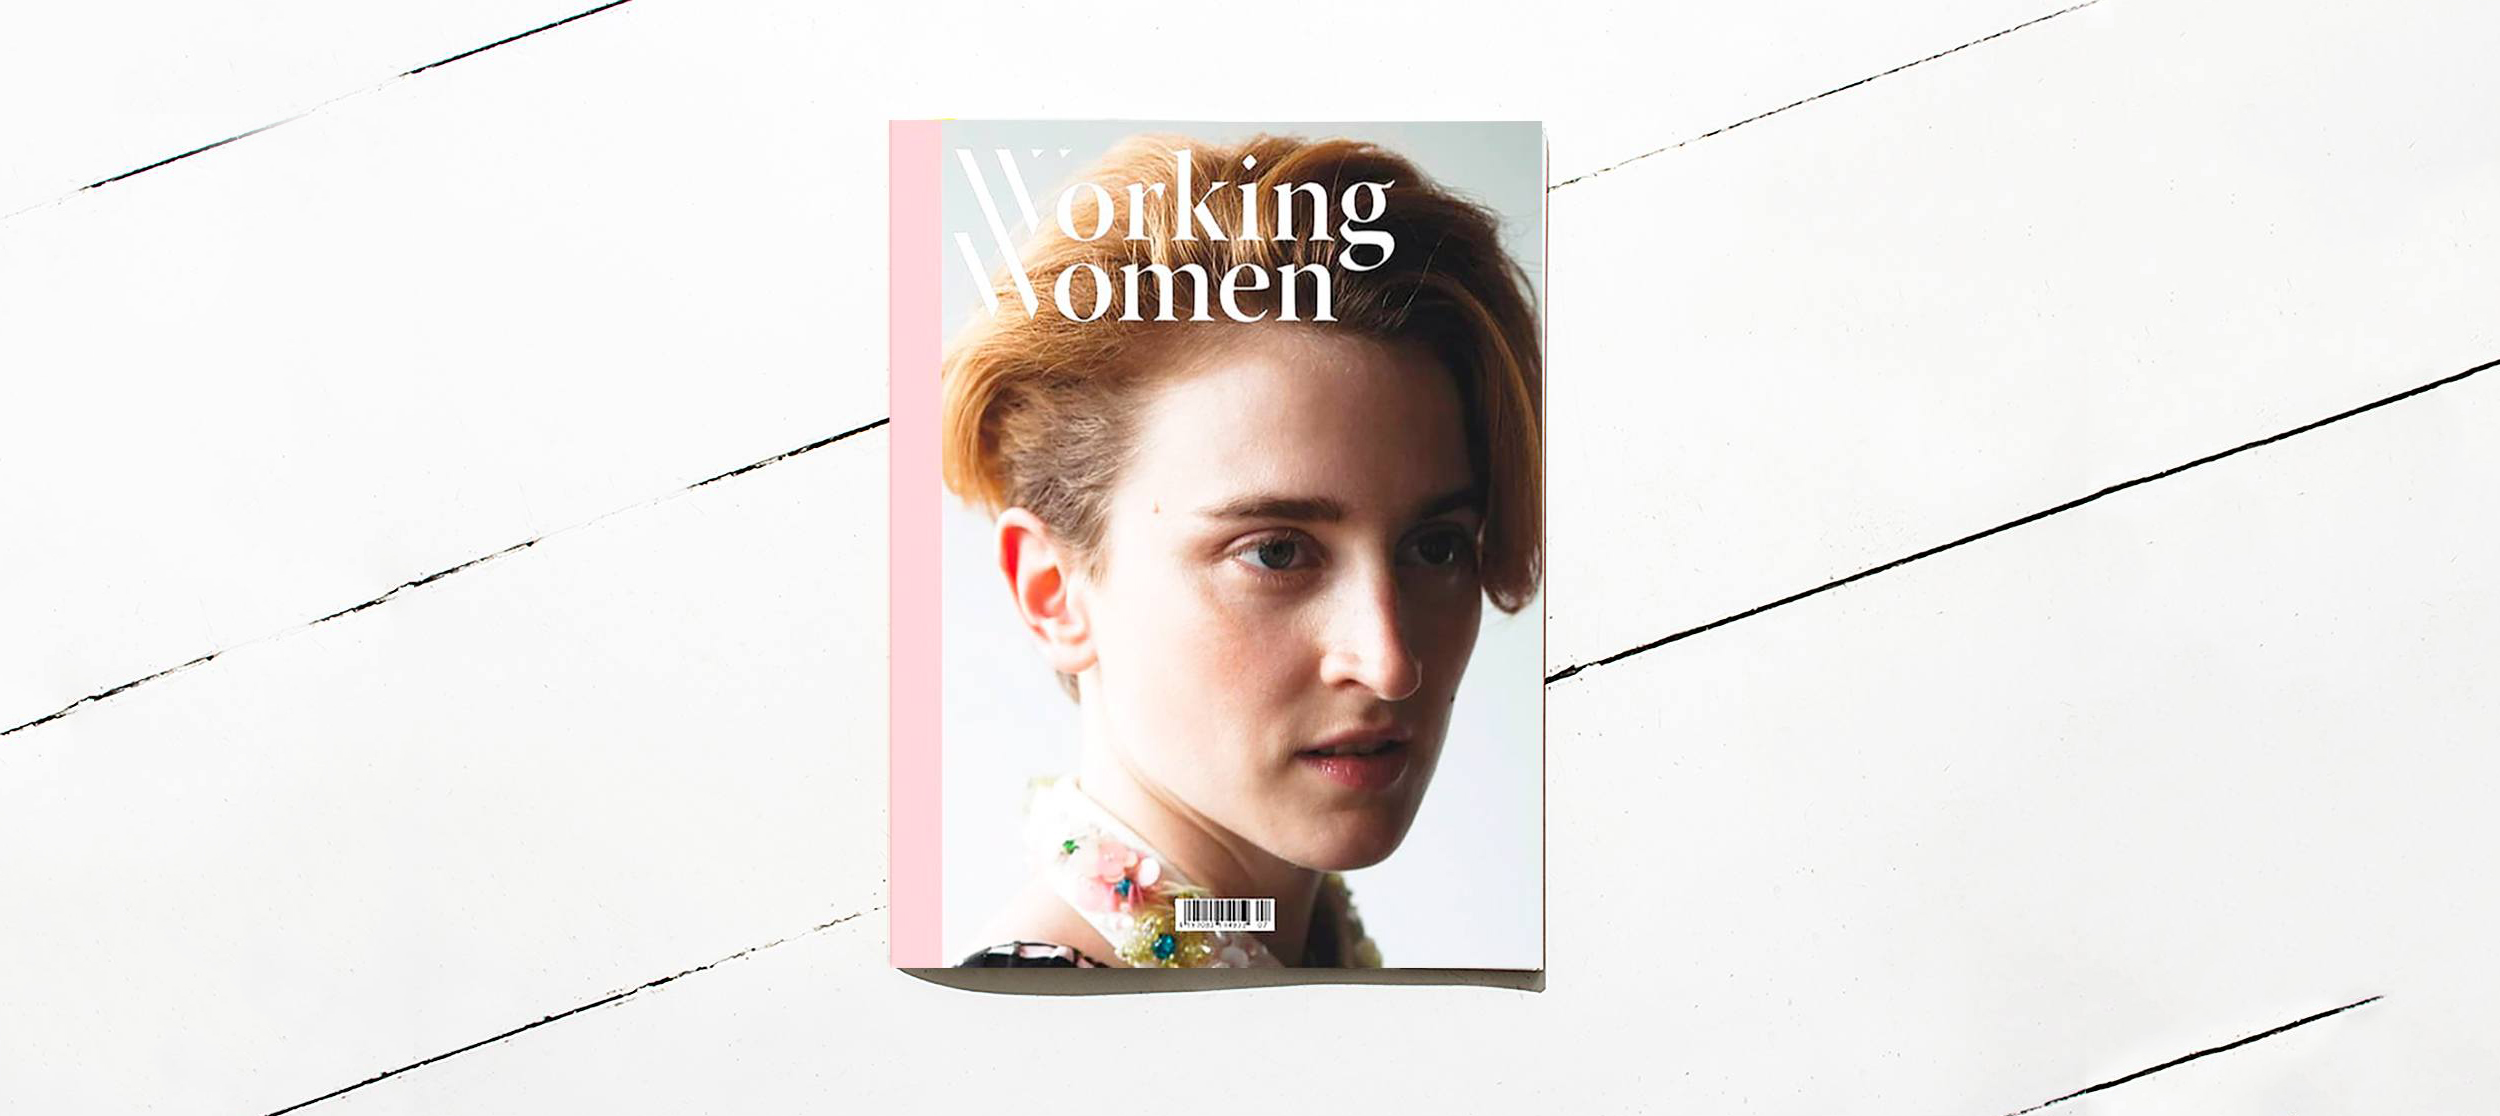 Studio Last - Working Women #1 – Magazine